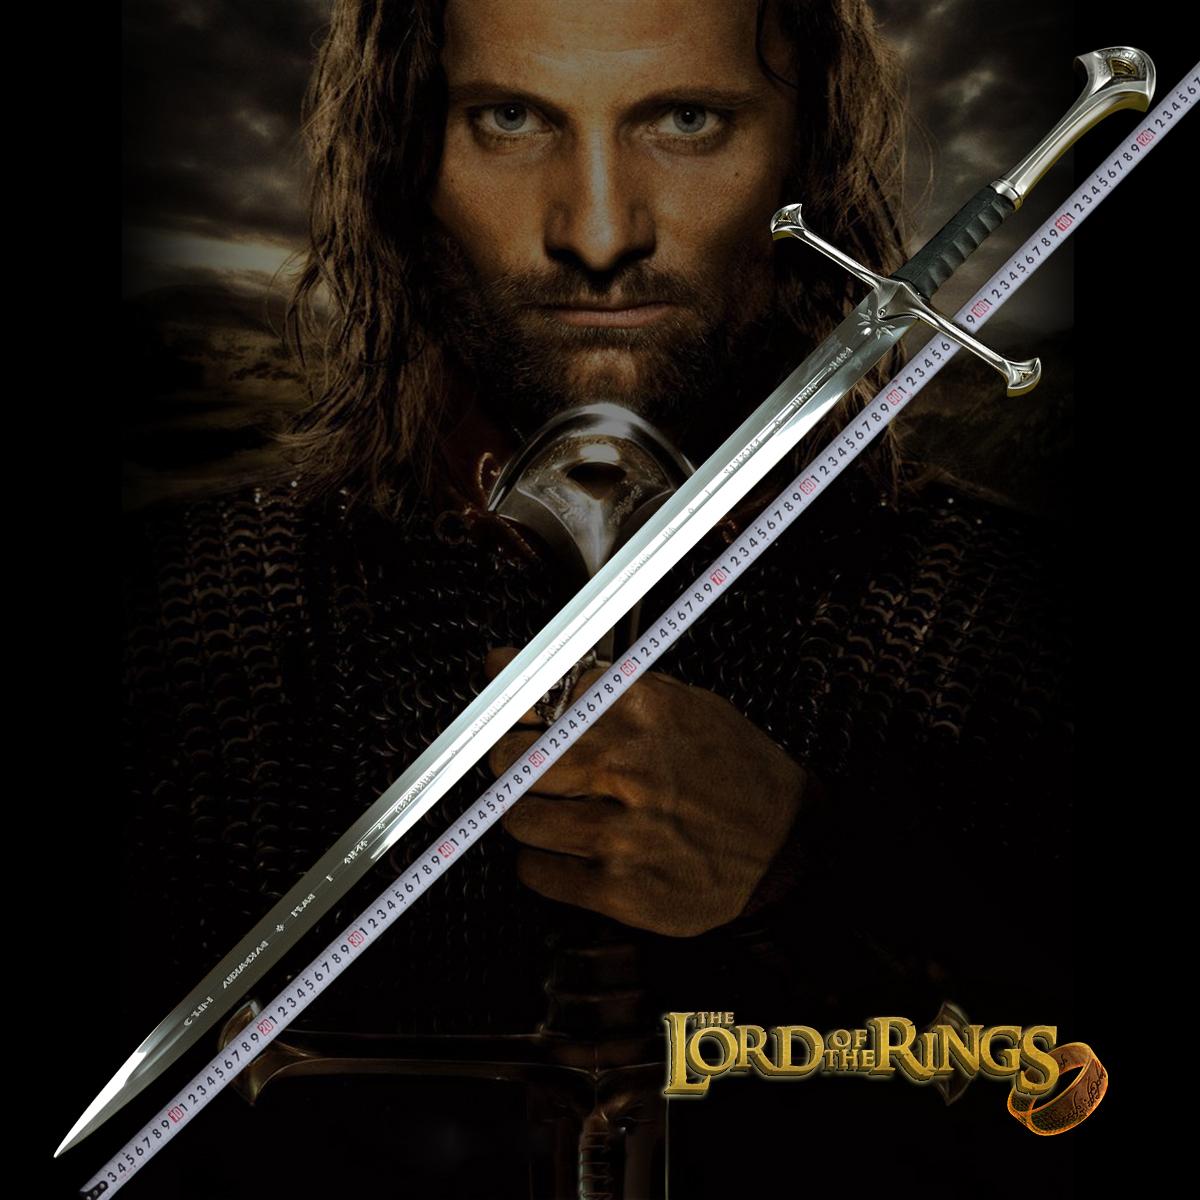 魔戒指环王纳西尔圣剑 经文版阿拉贡剑精灵王魔戒西洋刀未开刃